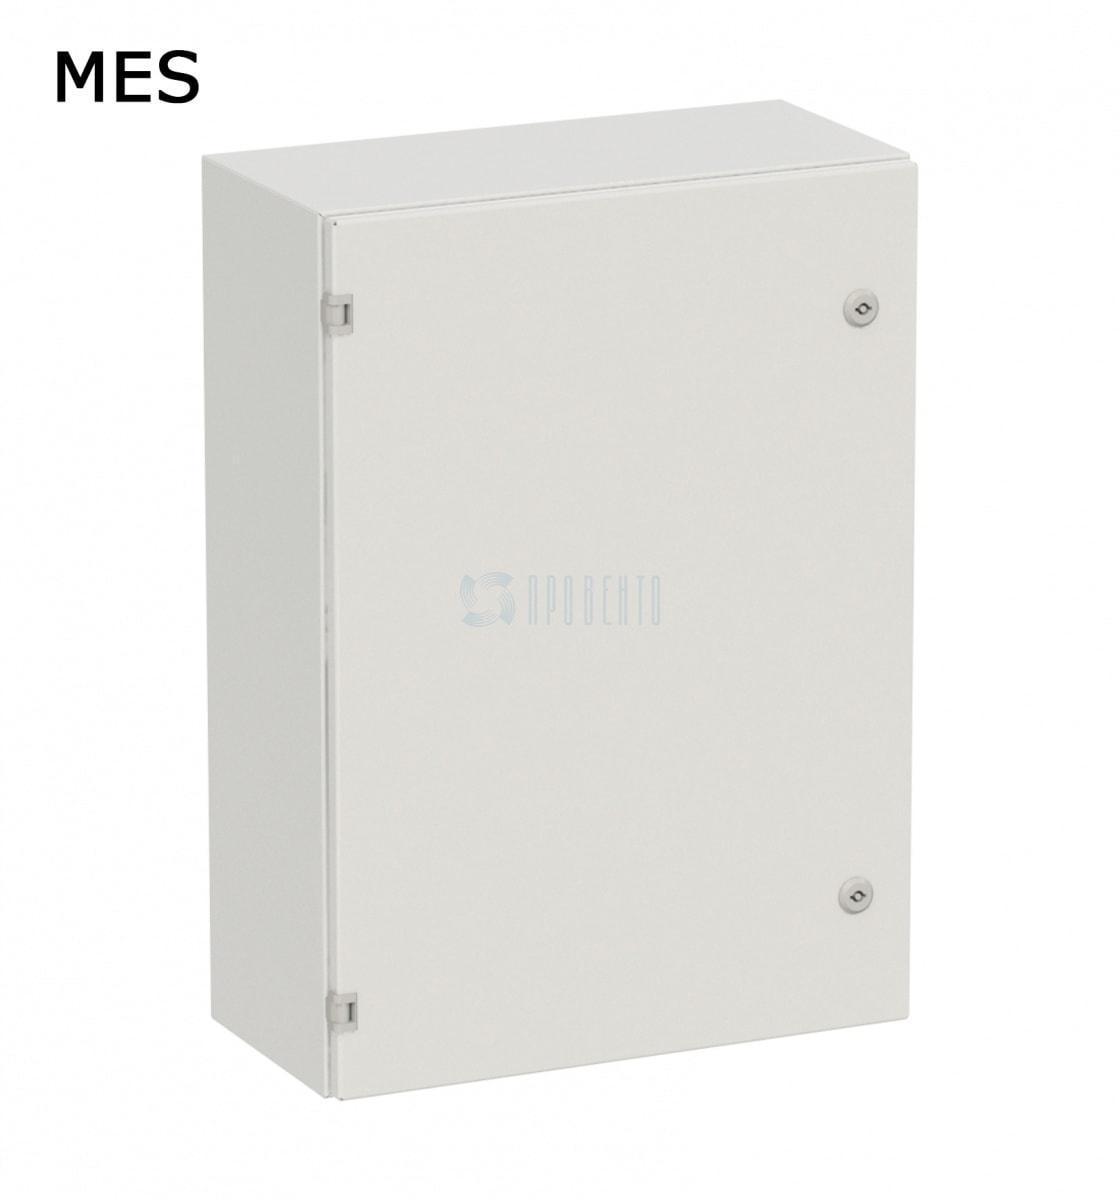 600х600х300 мм Настенный шкаф в комплекте с монтажной панелью, IP 66